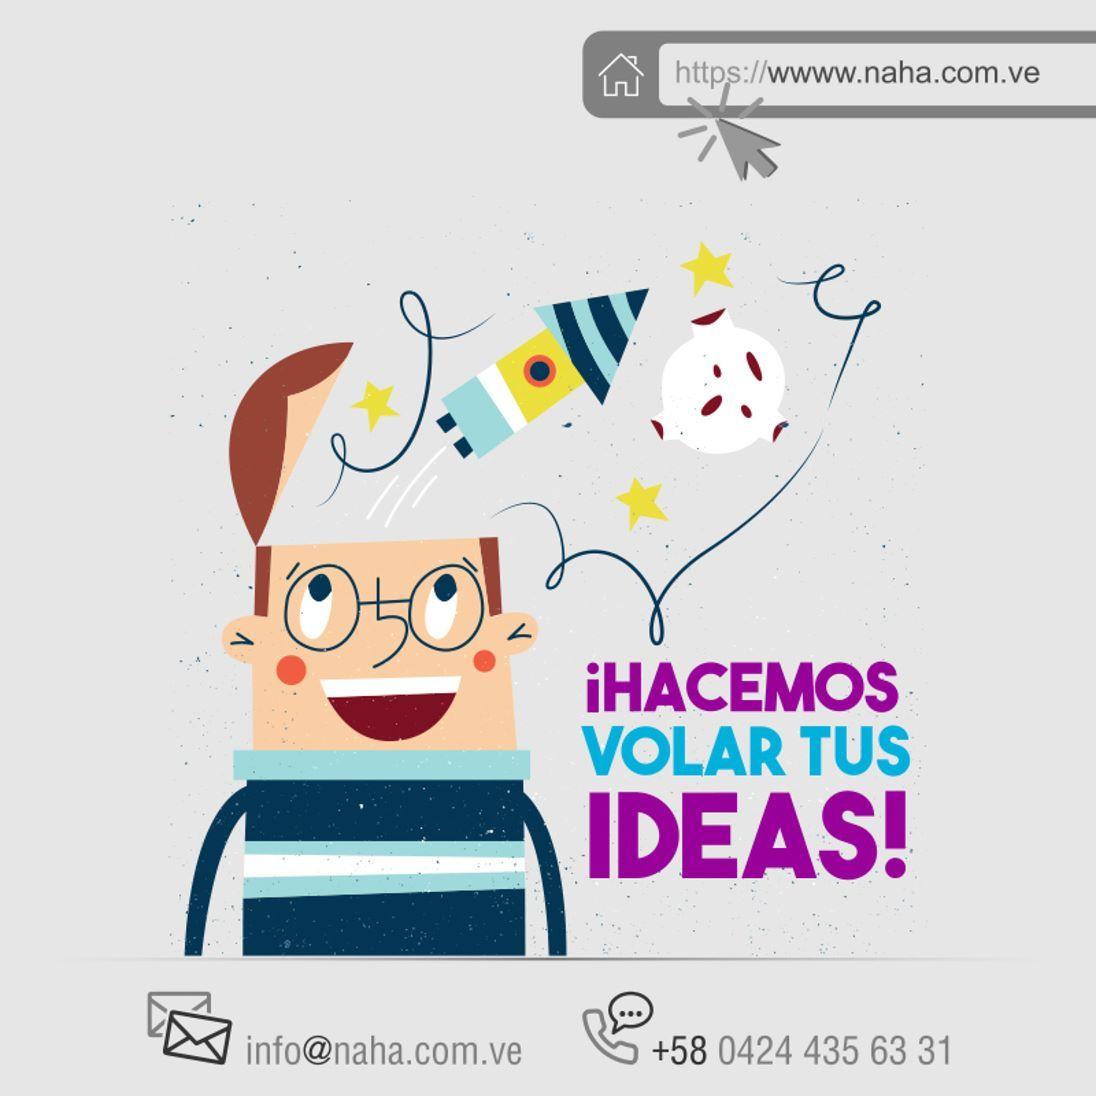 #Diseño #Grafico #Web #Manejo de #Redes #NAHA . Hola en @naha.com.ve tenemos estos servicios en Diseño y mas.. . Diseño Gráfico Manejo de Redes Diseño Paginas Web  Desarrollo de Contenido Publicidad Exterior e Impresión . Planes a tu medida en nuestro SITIO WEB . Ingresa: WWW.NAHA.COM.VE . #MARTES #venezuela #caracas #valencia #maracay #naguanagua #peru #panama #ecuador #chile #venezolana #hechoenvenezuela #prettygirl #sensual #instavenezuela #venezuelangirl #venezuelan #beautiful #fashion